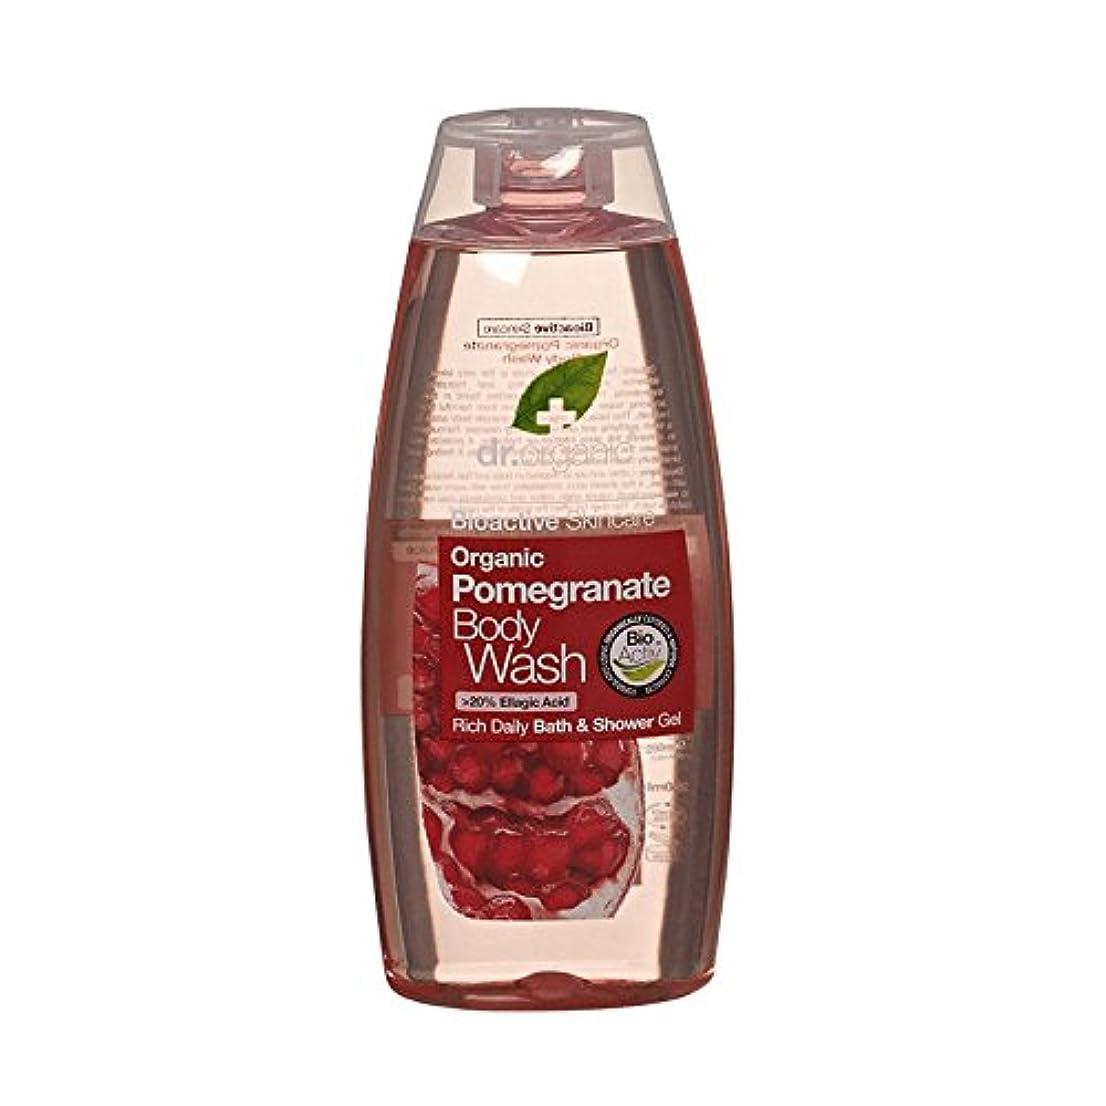 請求書供給件名Dr Organic Pomegranate Body Wash (Pack of 2) - Dr有機ザクロボディウォッシュ (x2) [並行輸入品]